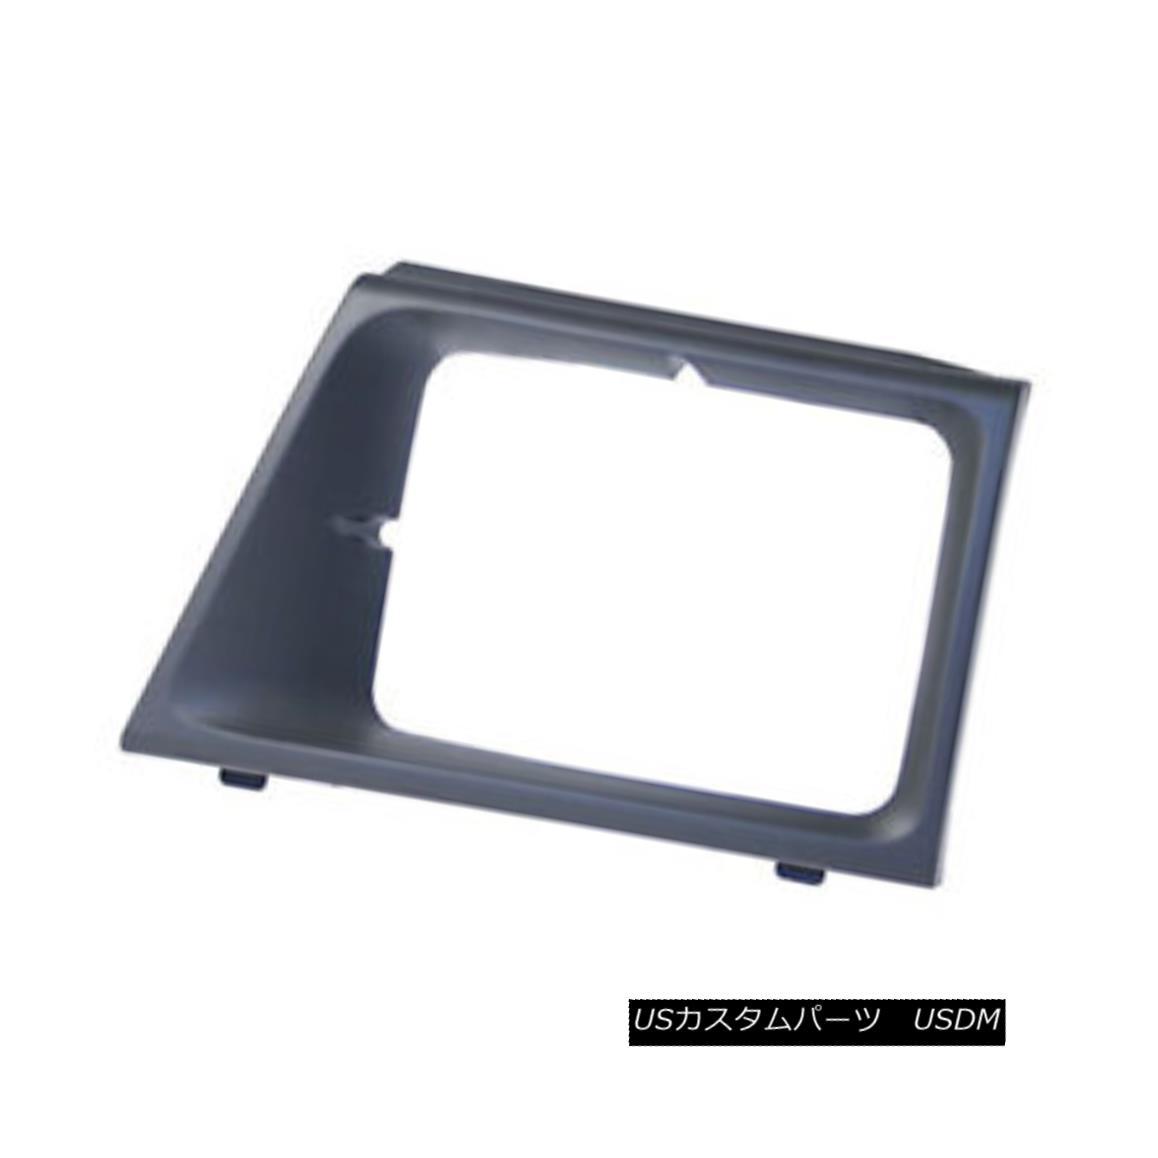 グリル Headlight Door Matte Grey Driver Side Use w/Sealed Beam Lamps 630-00989L Value ヘッドライトドアマットグレードライバーサイドシールド付きシールドランプ630-00989L値